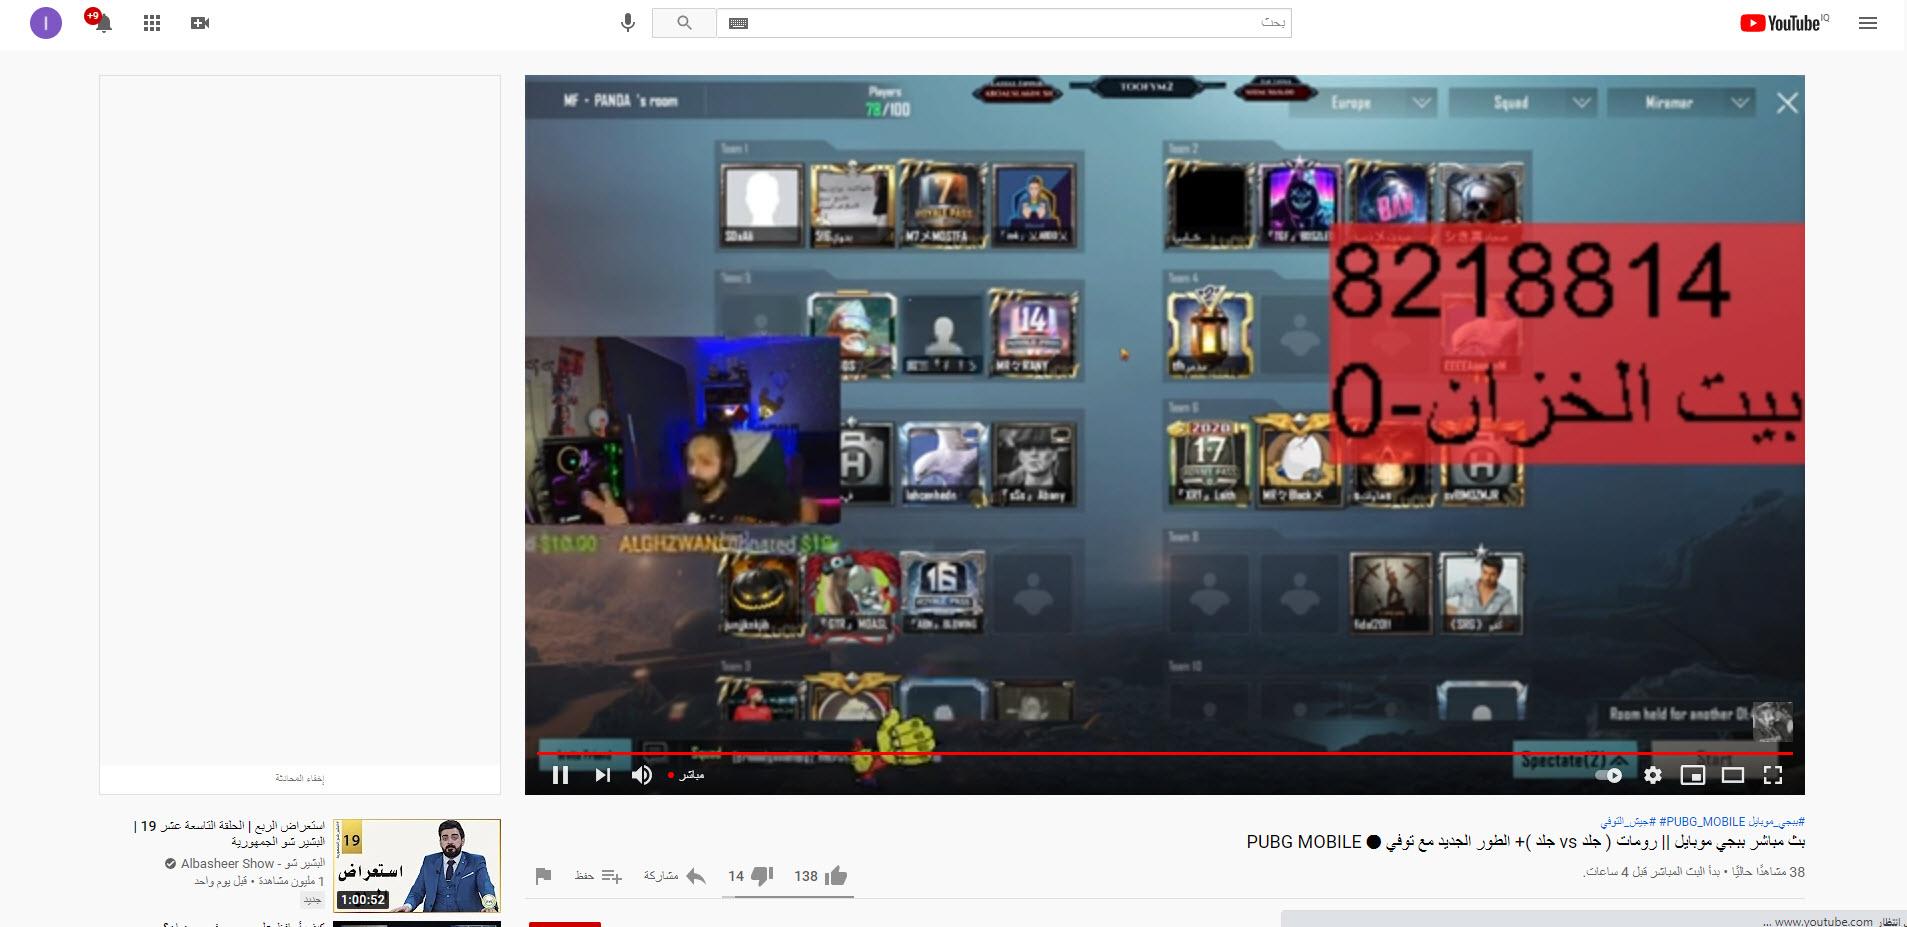 بوبجي يوتيوب